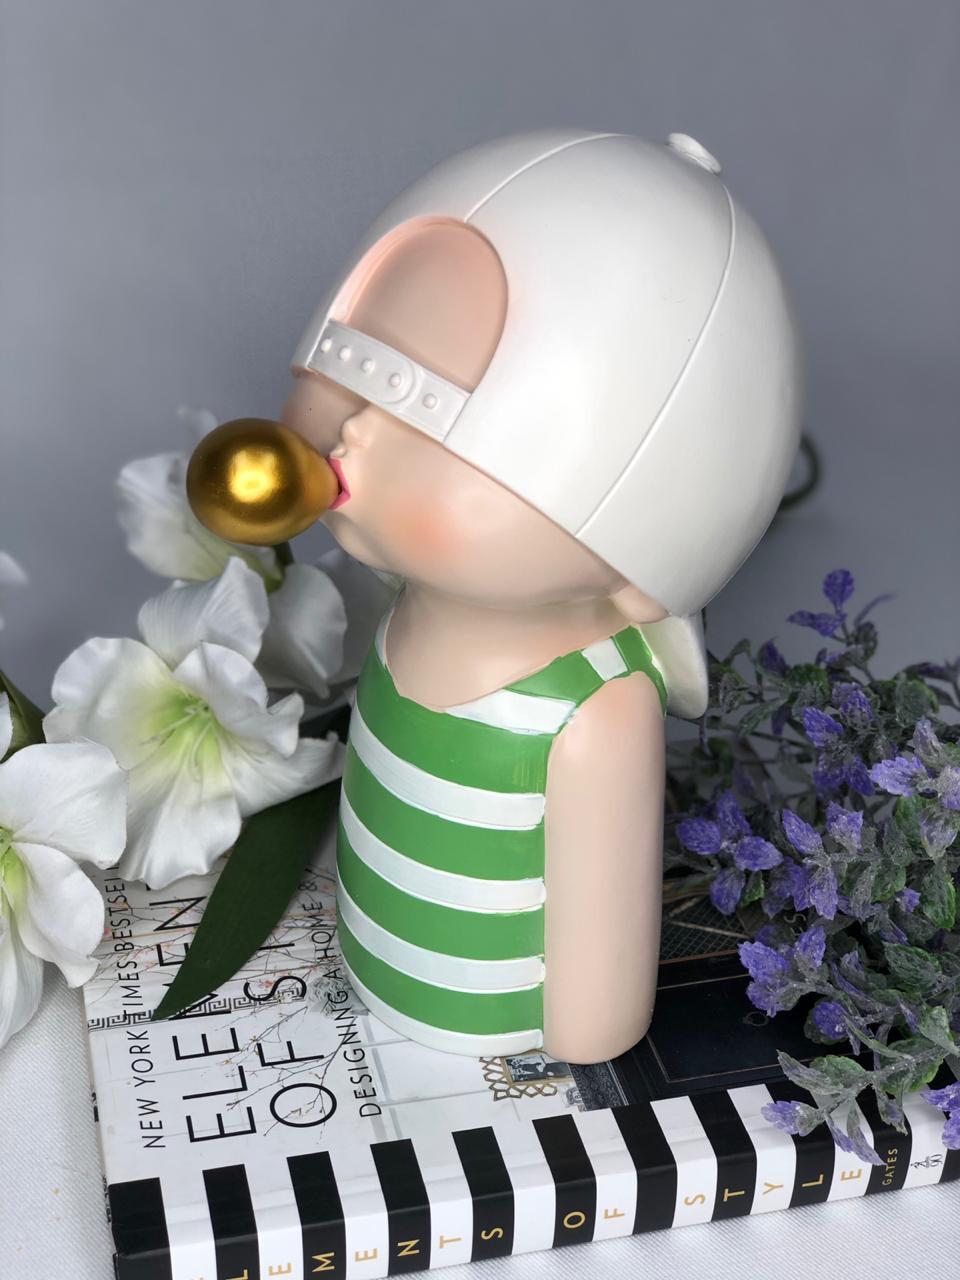 Cool Boy Sculpture - Cool Ornaments